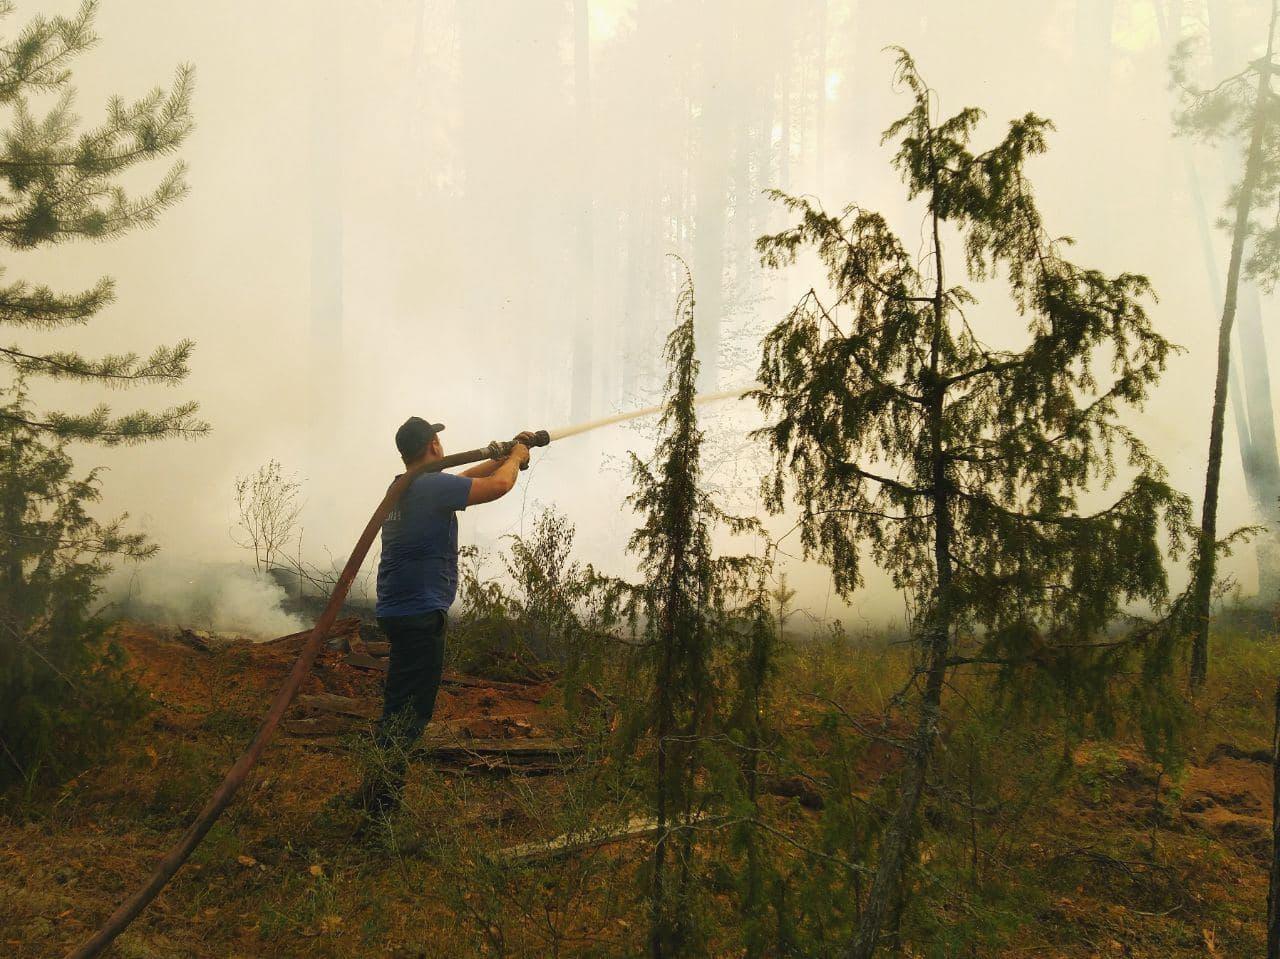 Минприроды Марий Эл получит 11,5 миллионов рублей на предупреждение лесных пожаров